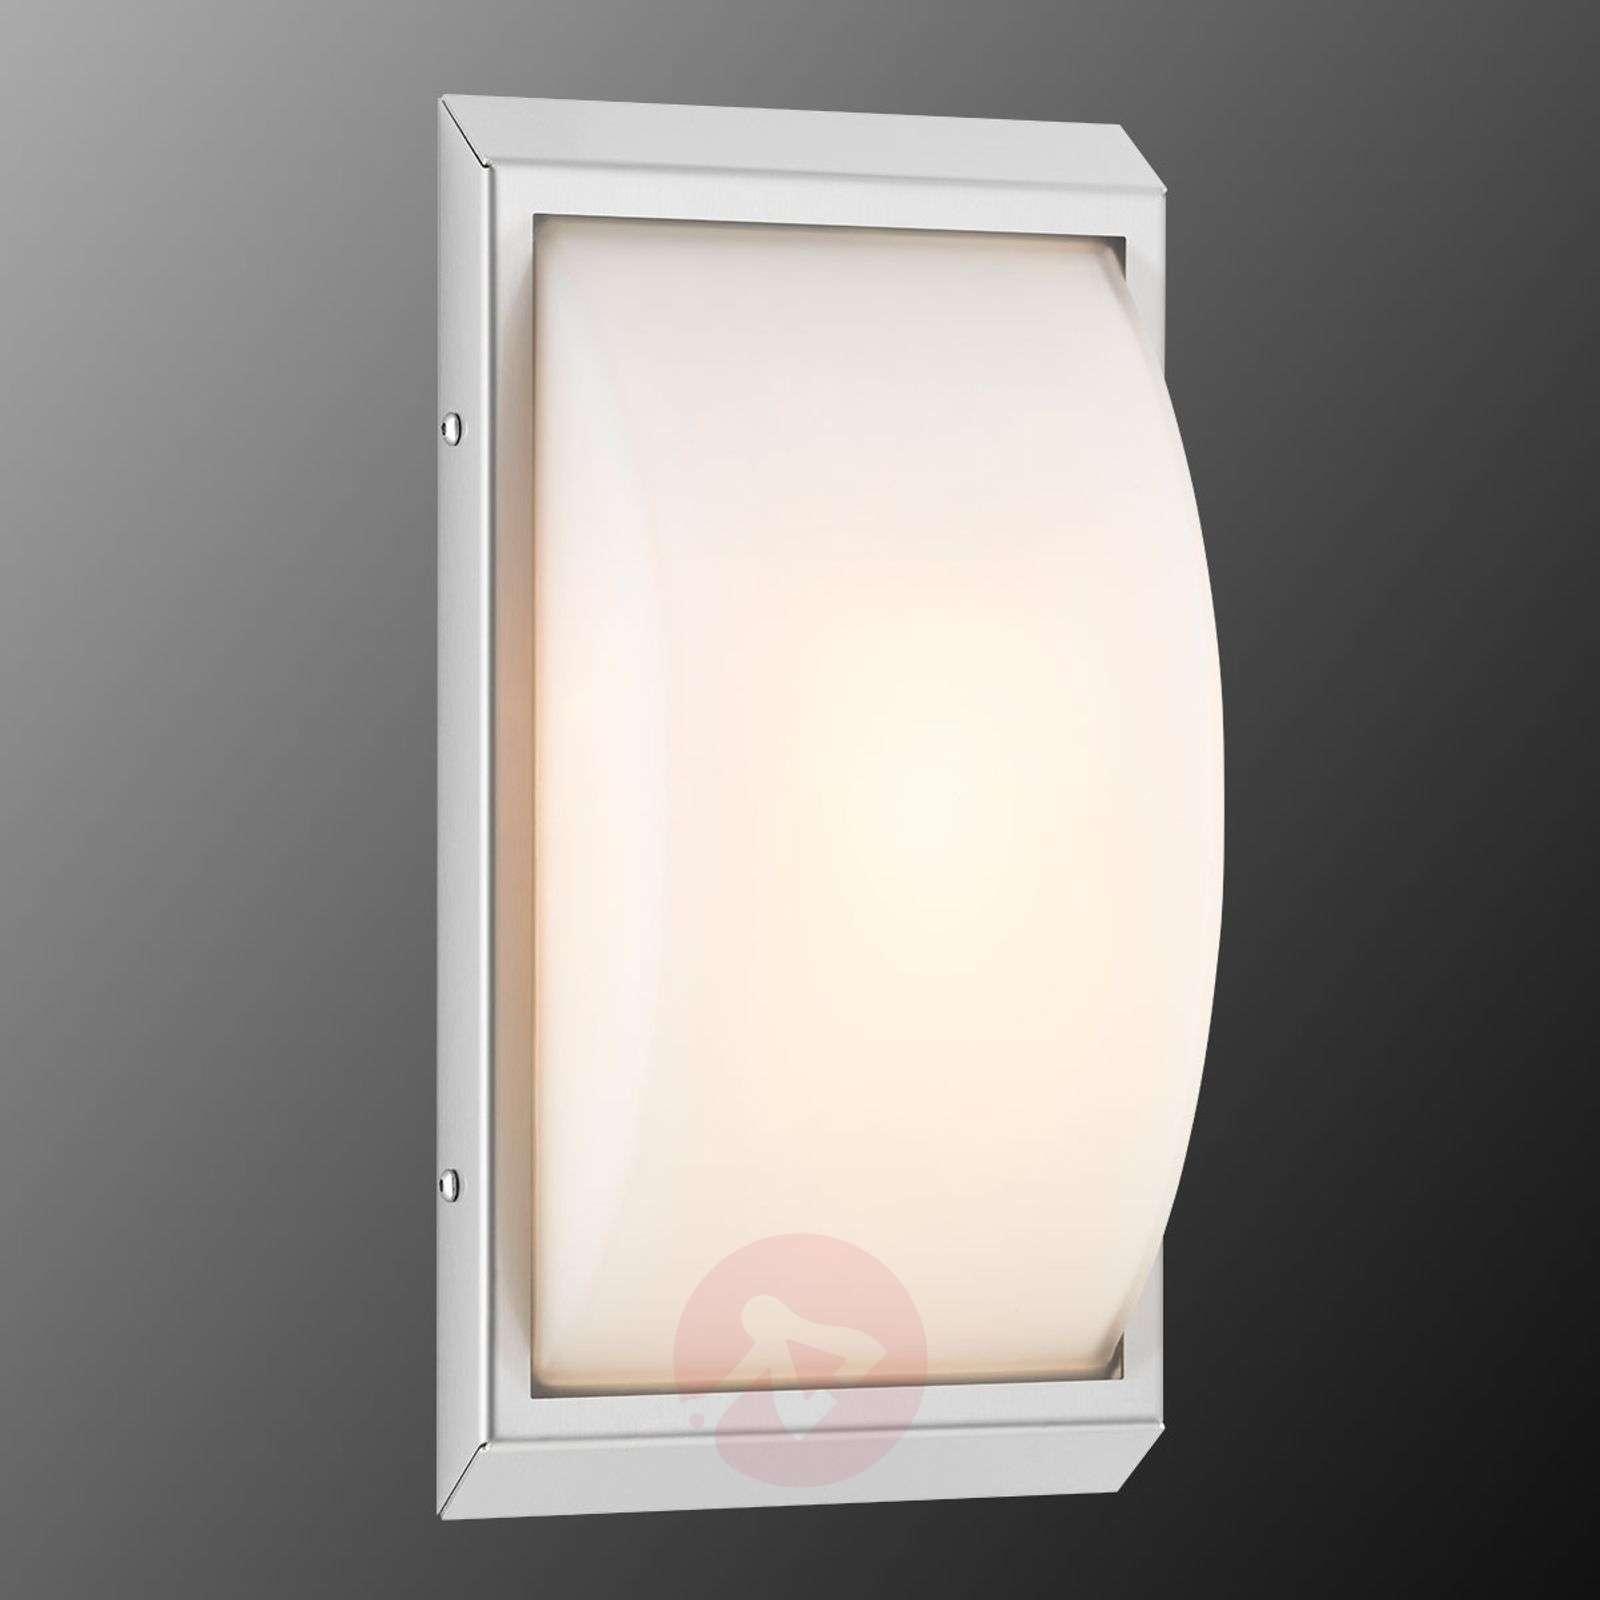 LED-ulkoseinävalaisin Malte-6068057-01